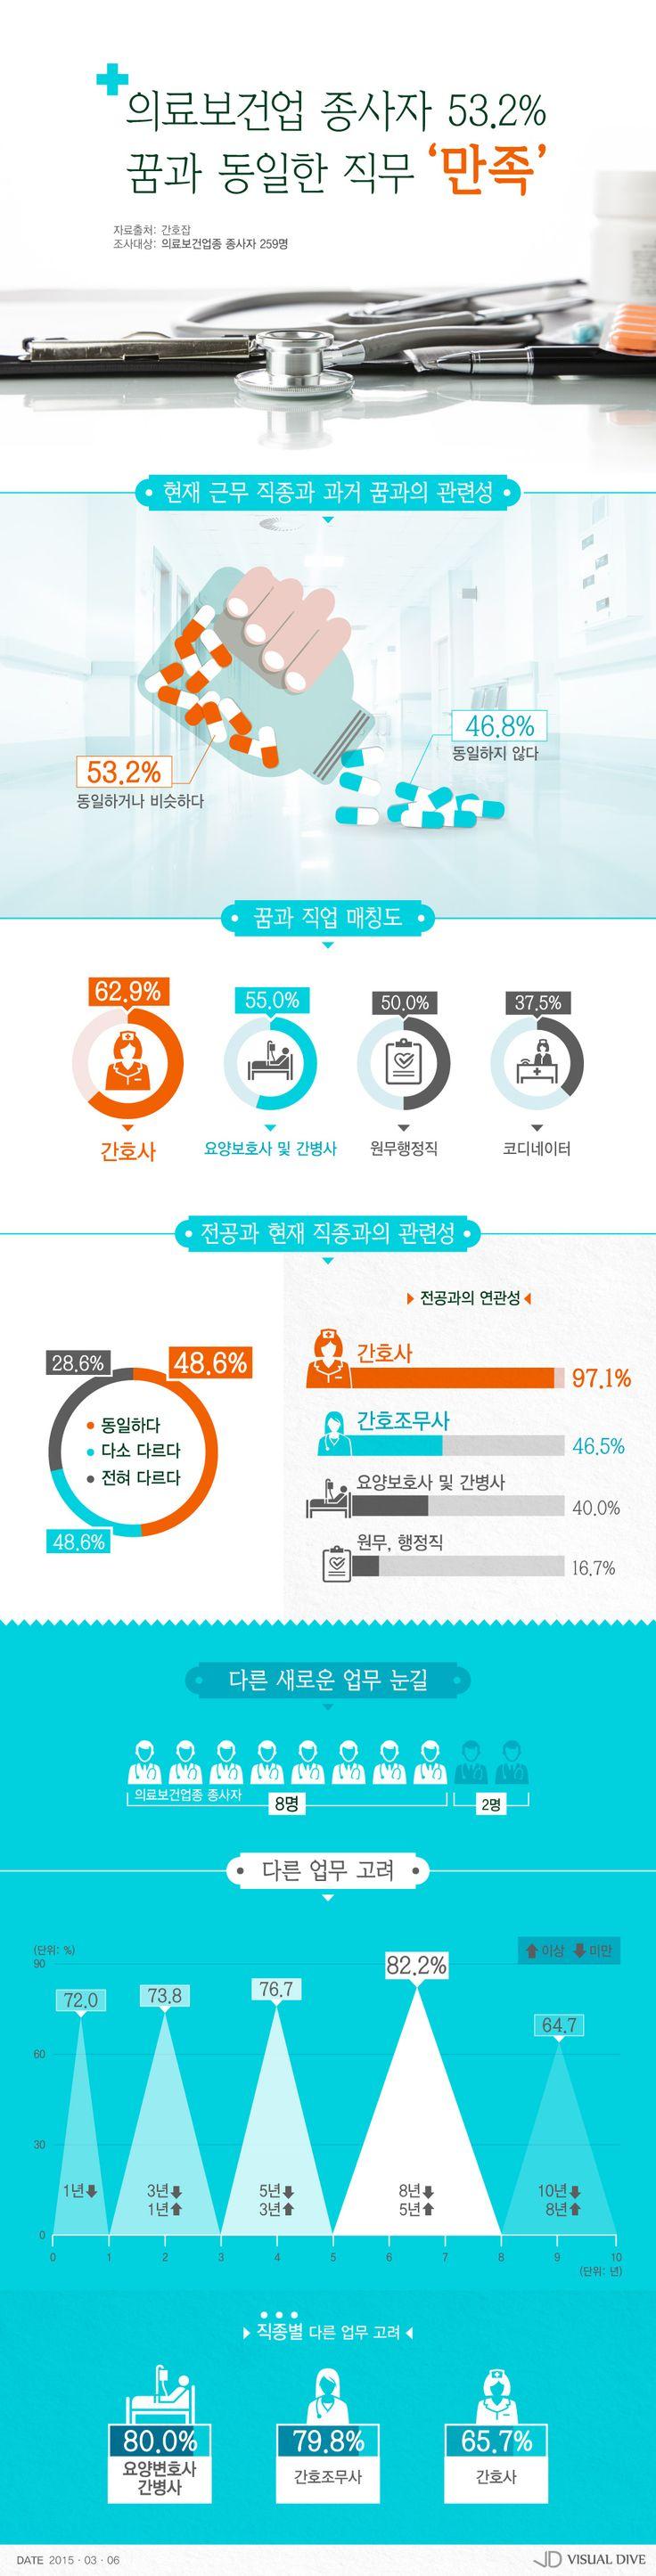 """의료보건업종 종사자 절반이상 """"현재 직무와 꿈 동일"""" [인포그래픽] #medical / #Infographic ⓒ 비주얼다이브 무단…"""